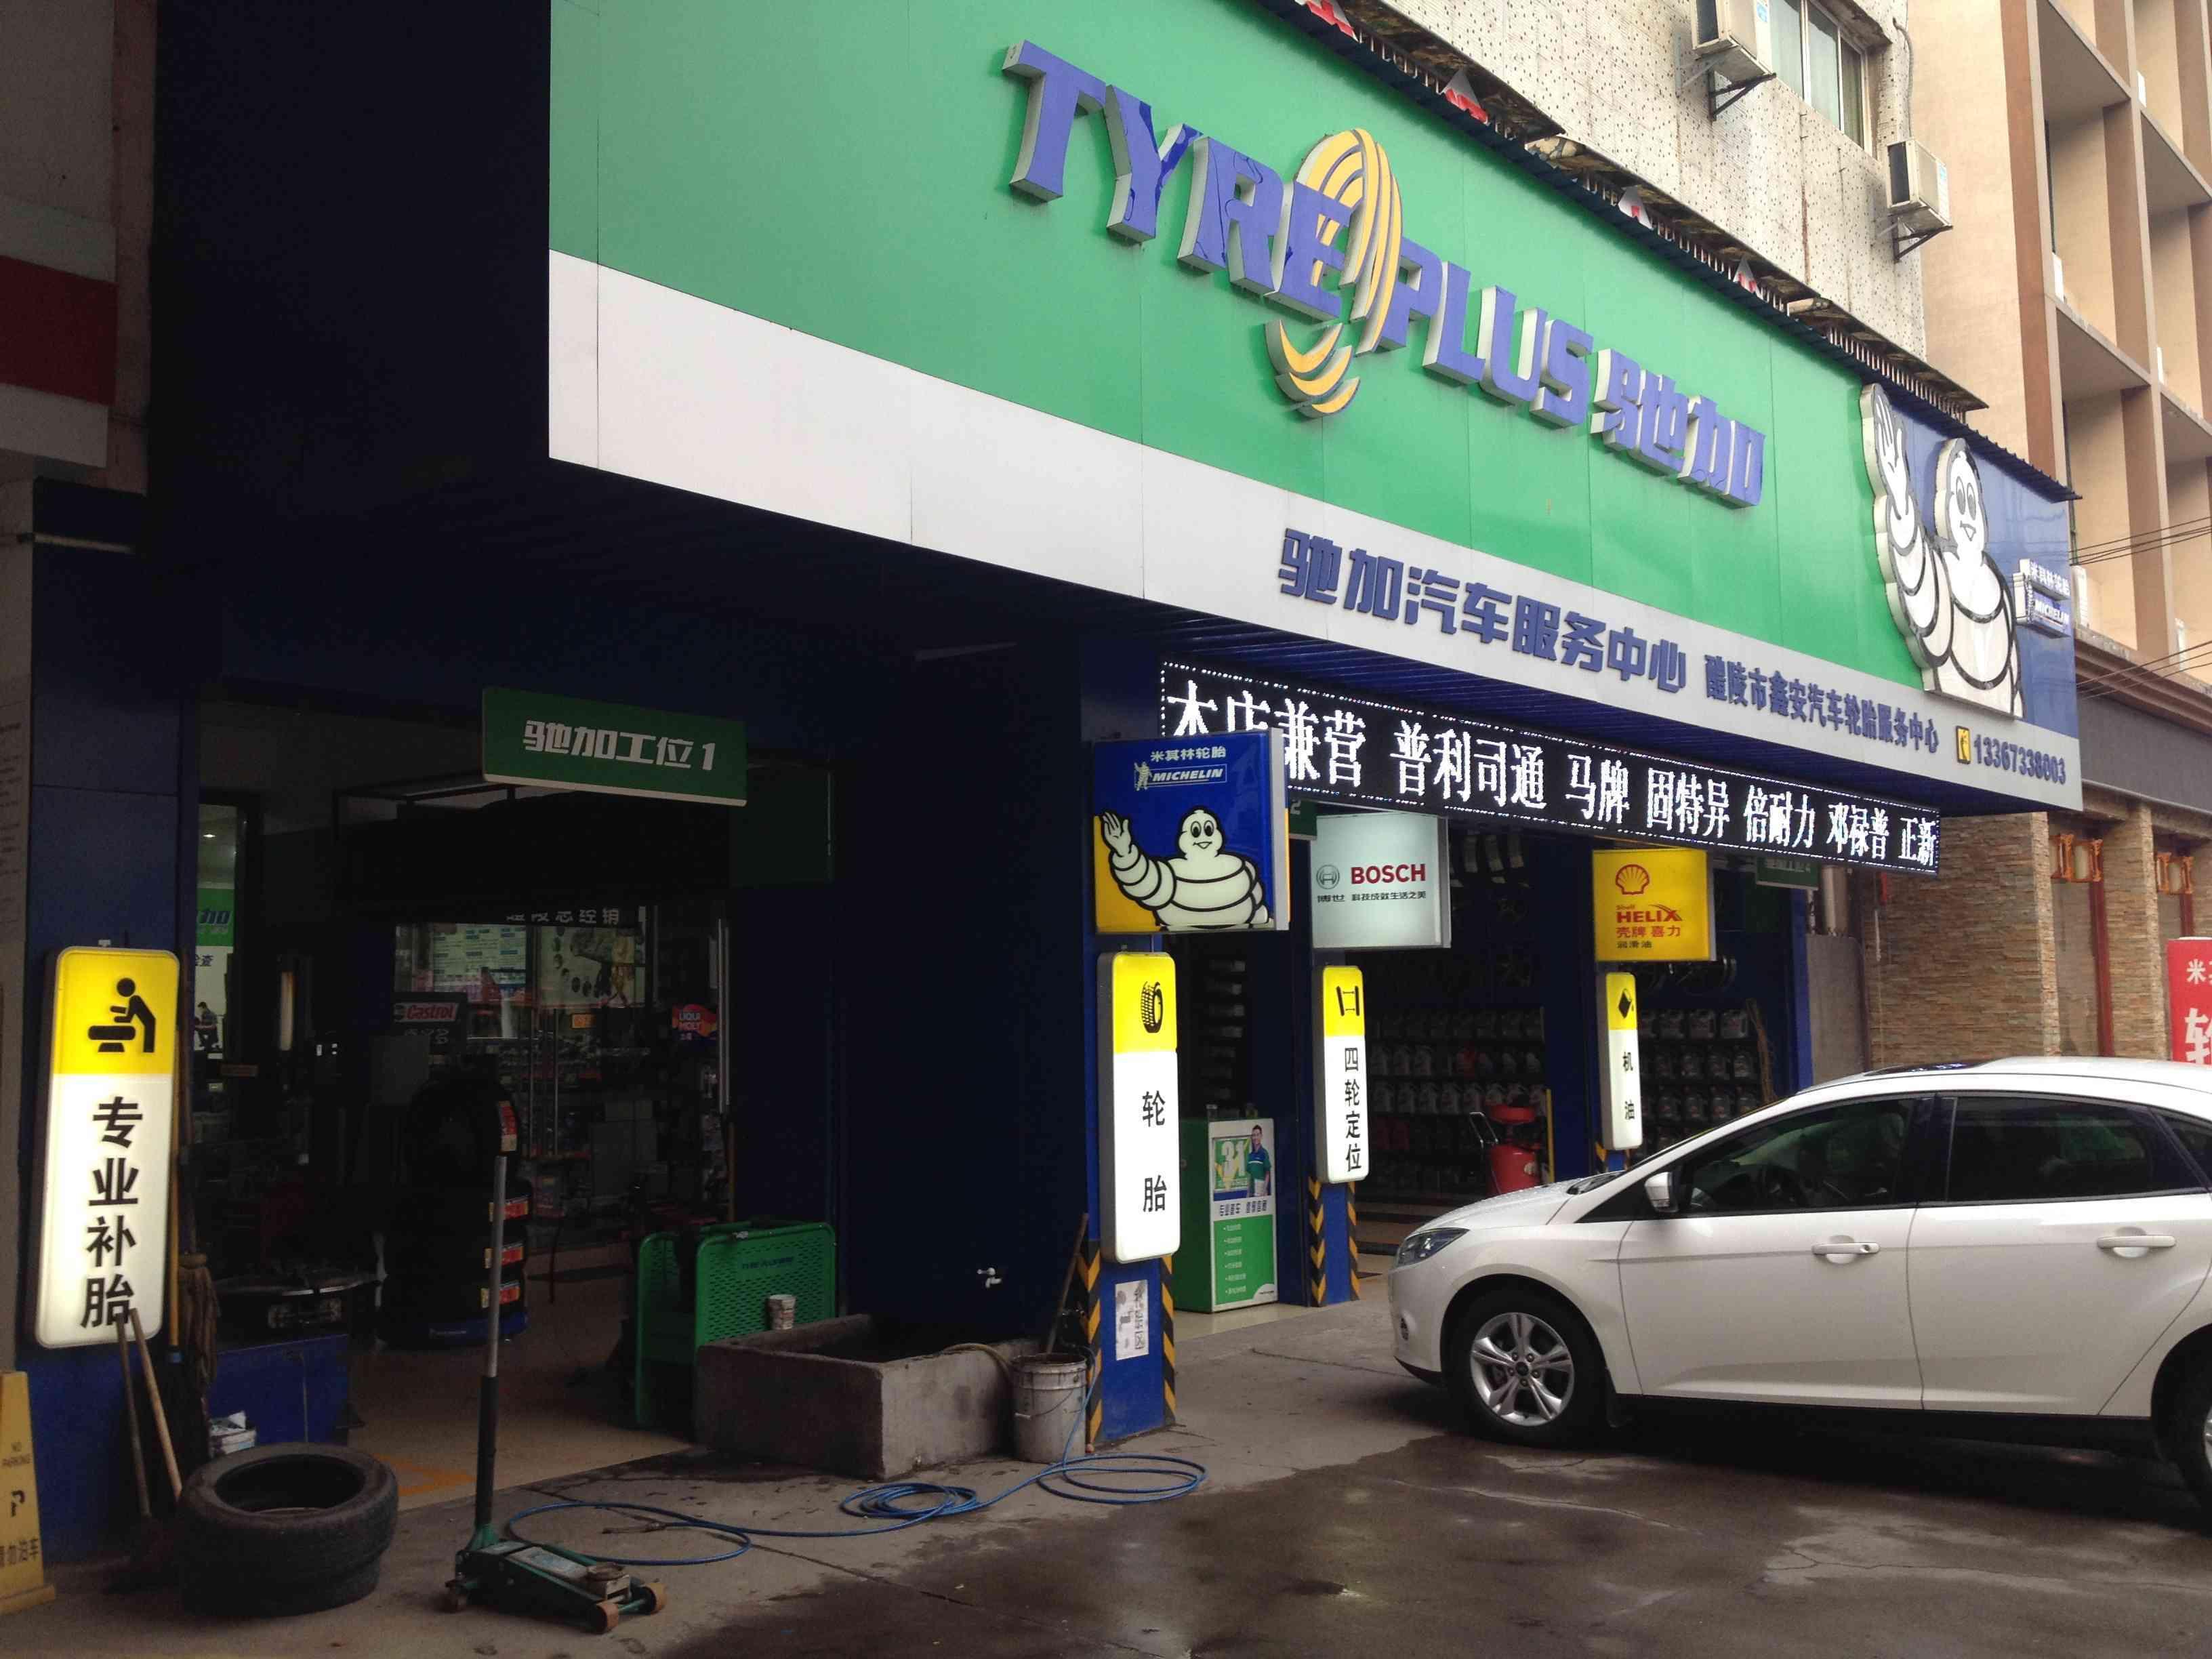 驰加汽车服务中心(江源路店)